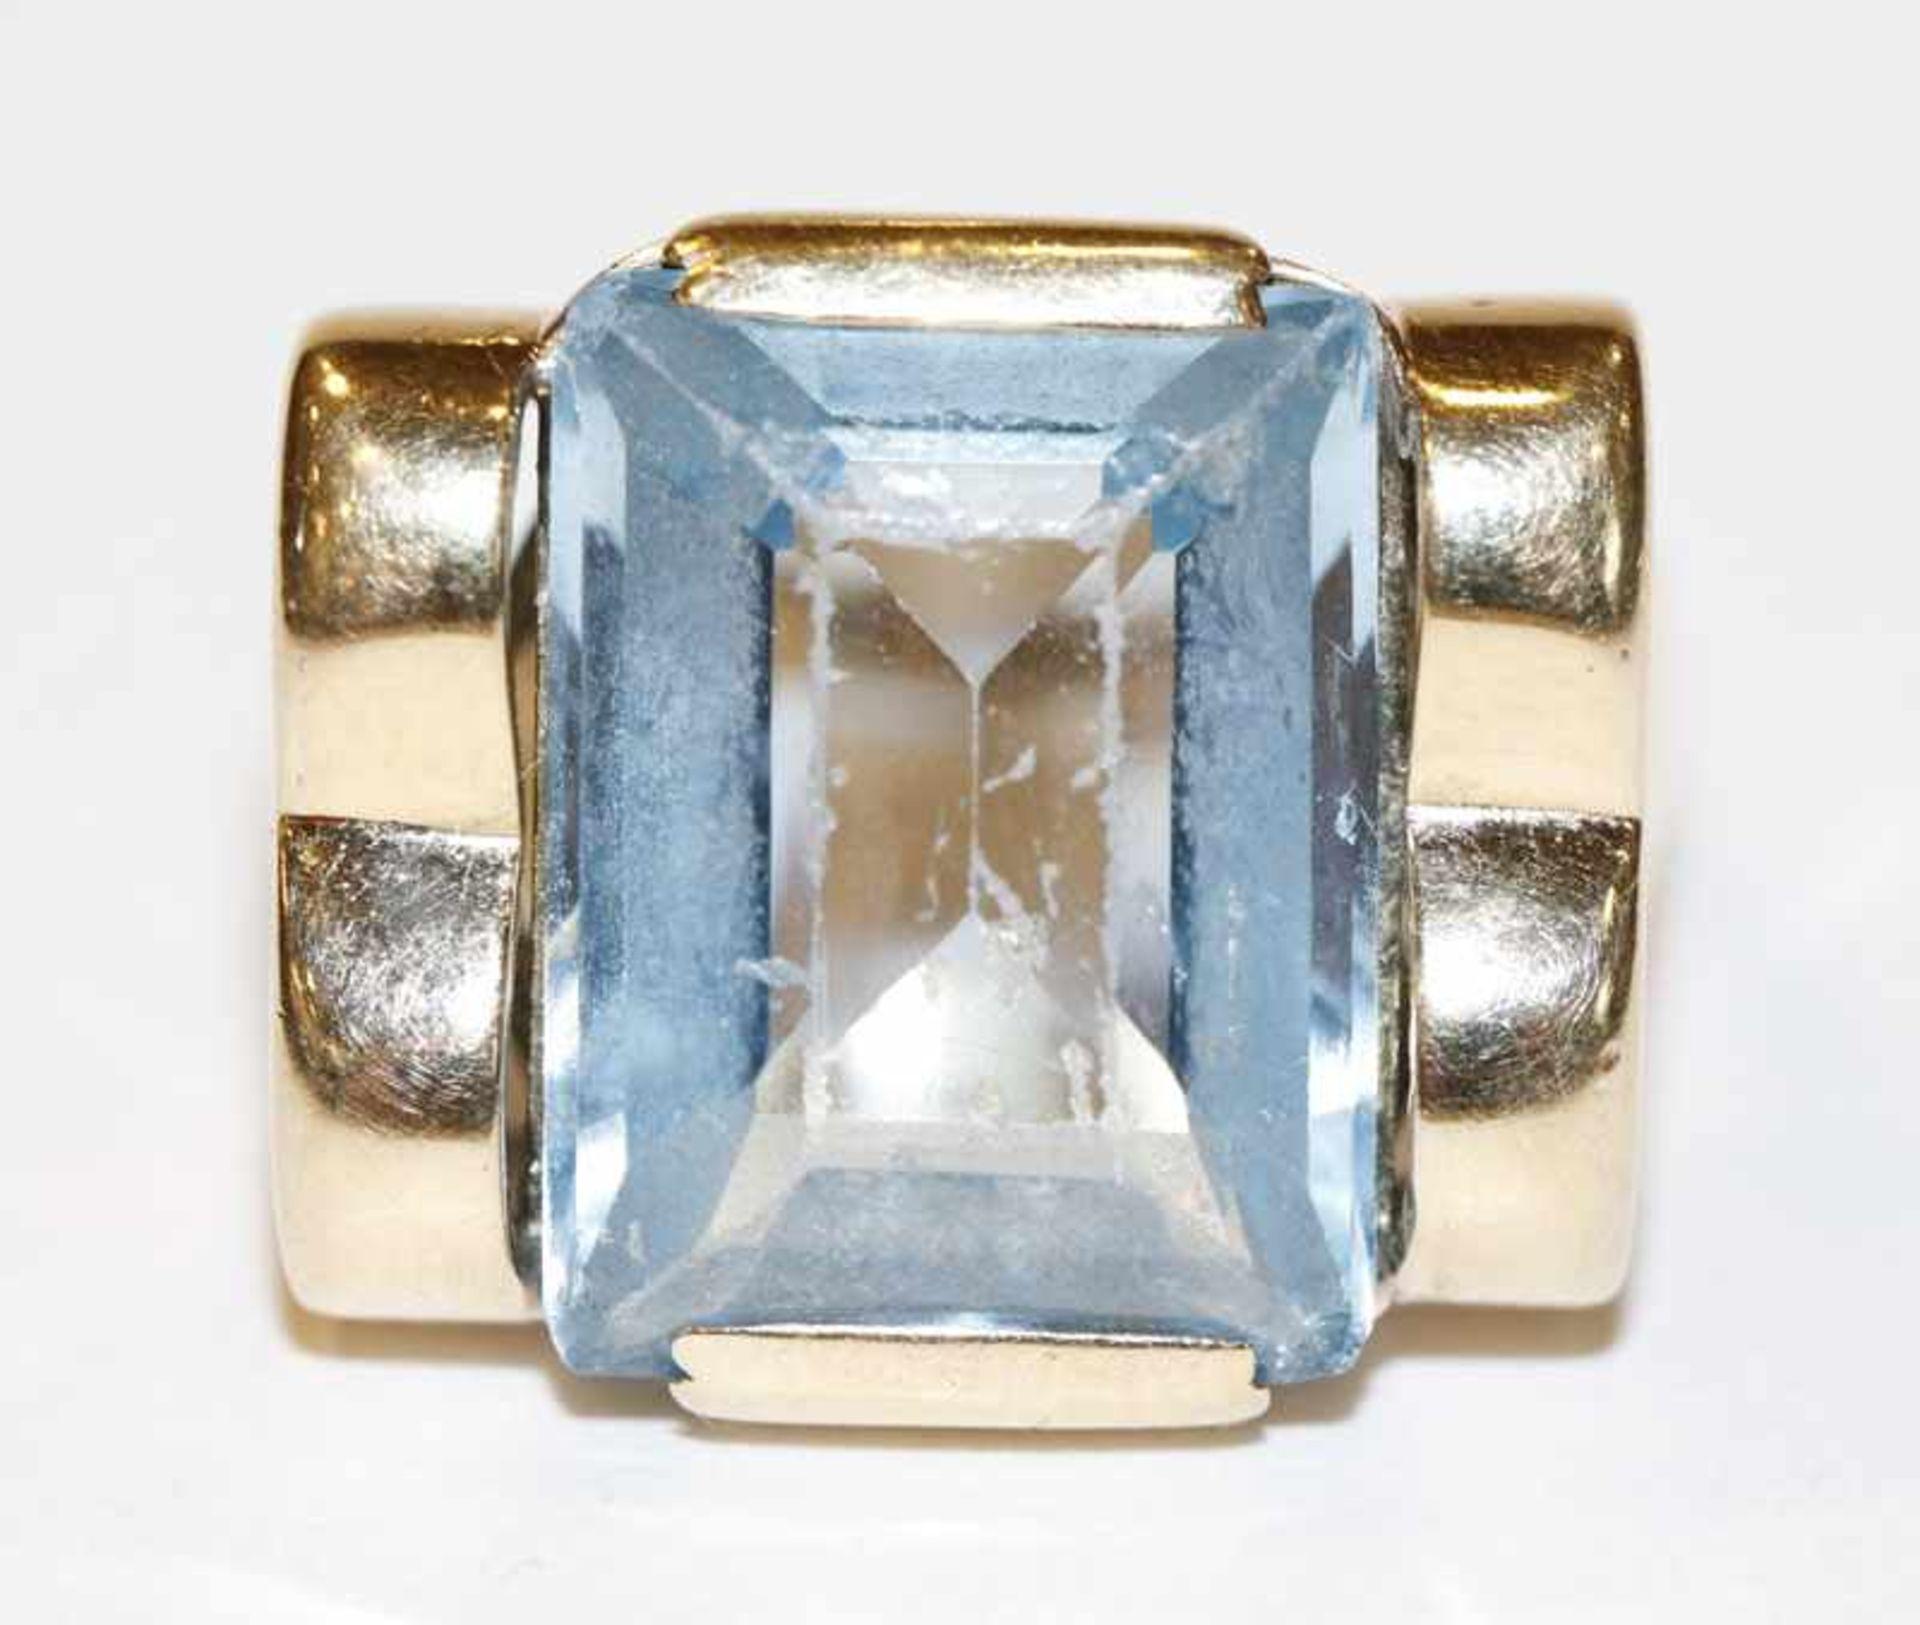 Los 8 - 14 k Gelbgold Ring mit Blautopas, 7,3 gr., Gr. 59, Steinoberfläche hat Kratzspuren, getragen